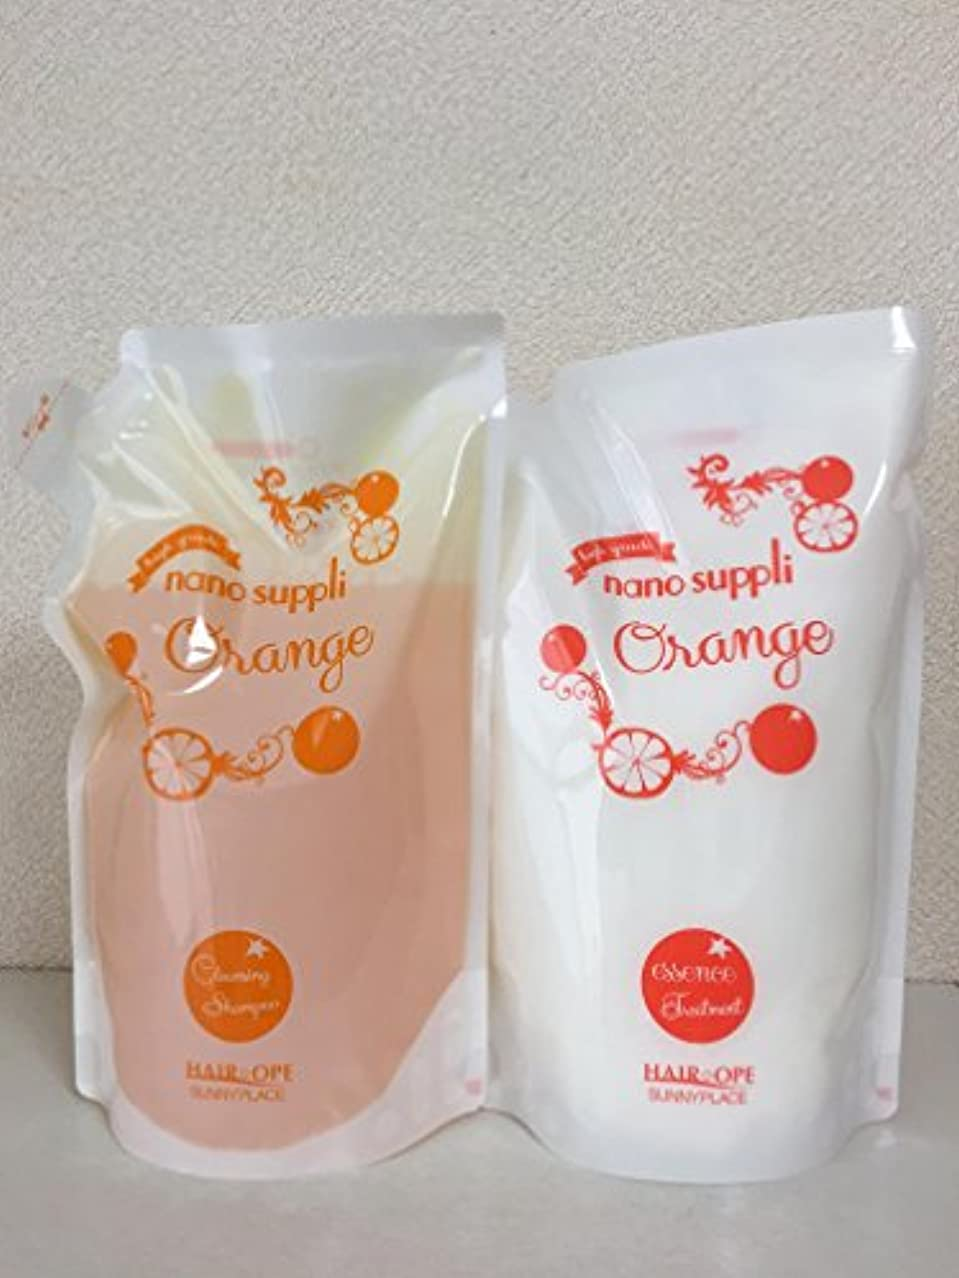 産地夏小説サニープレイス ナノサプリ クレンジングシャンプー&コンディショナー オレンジ 800ml詰替えセット